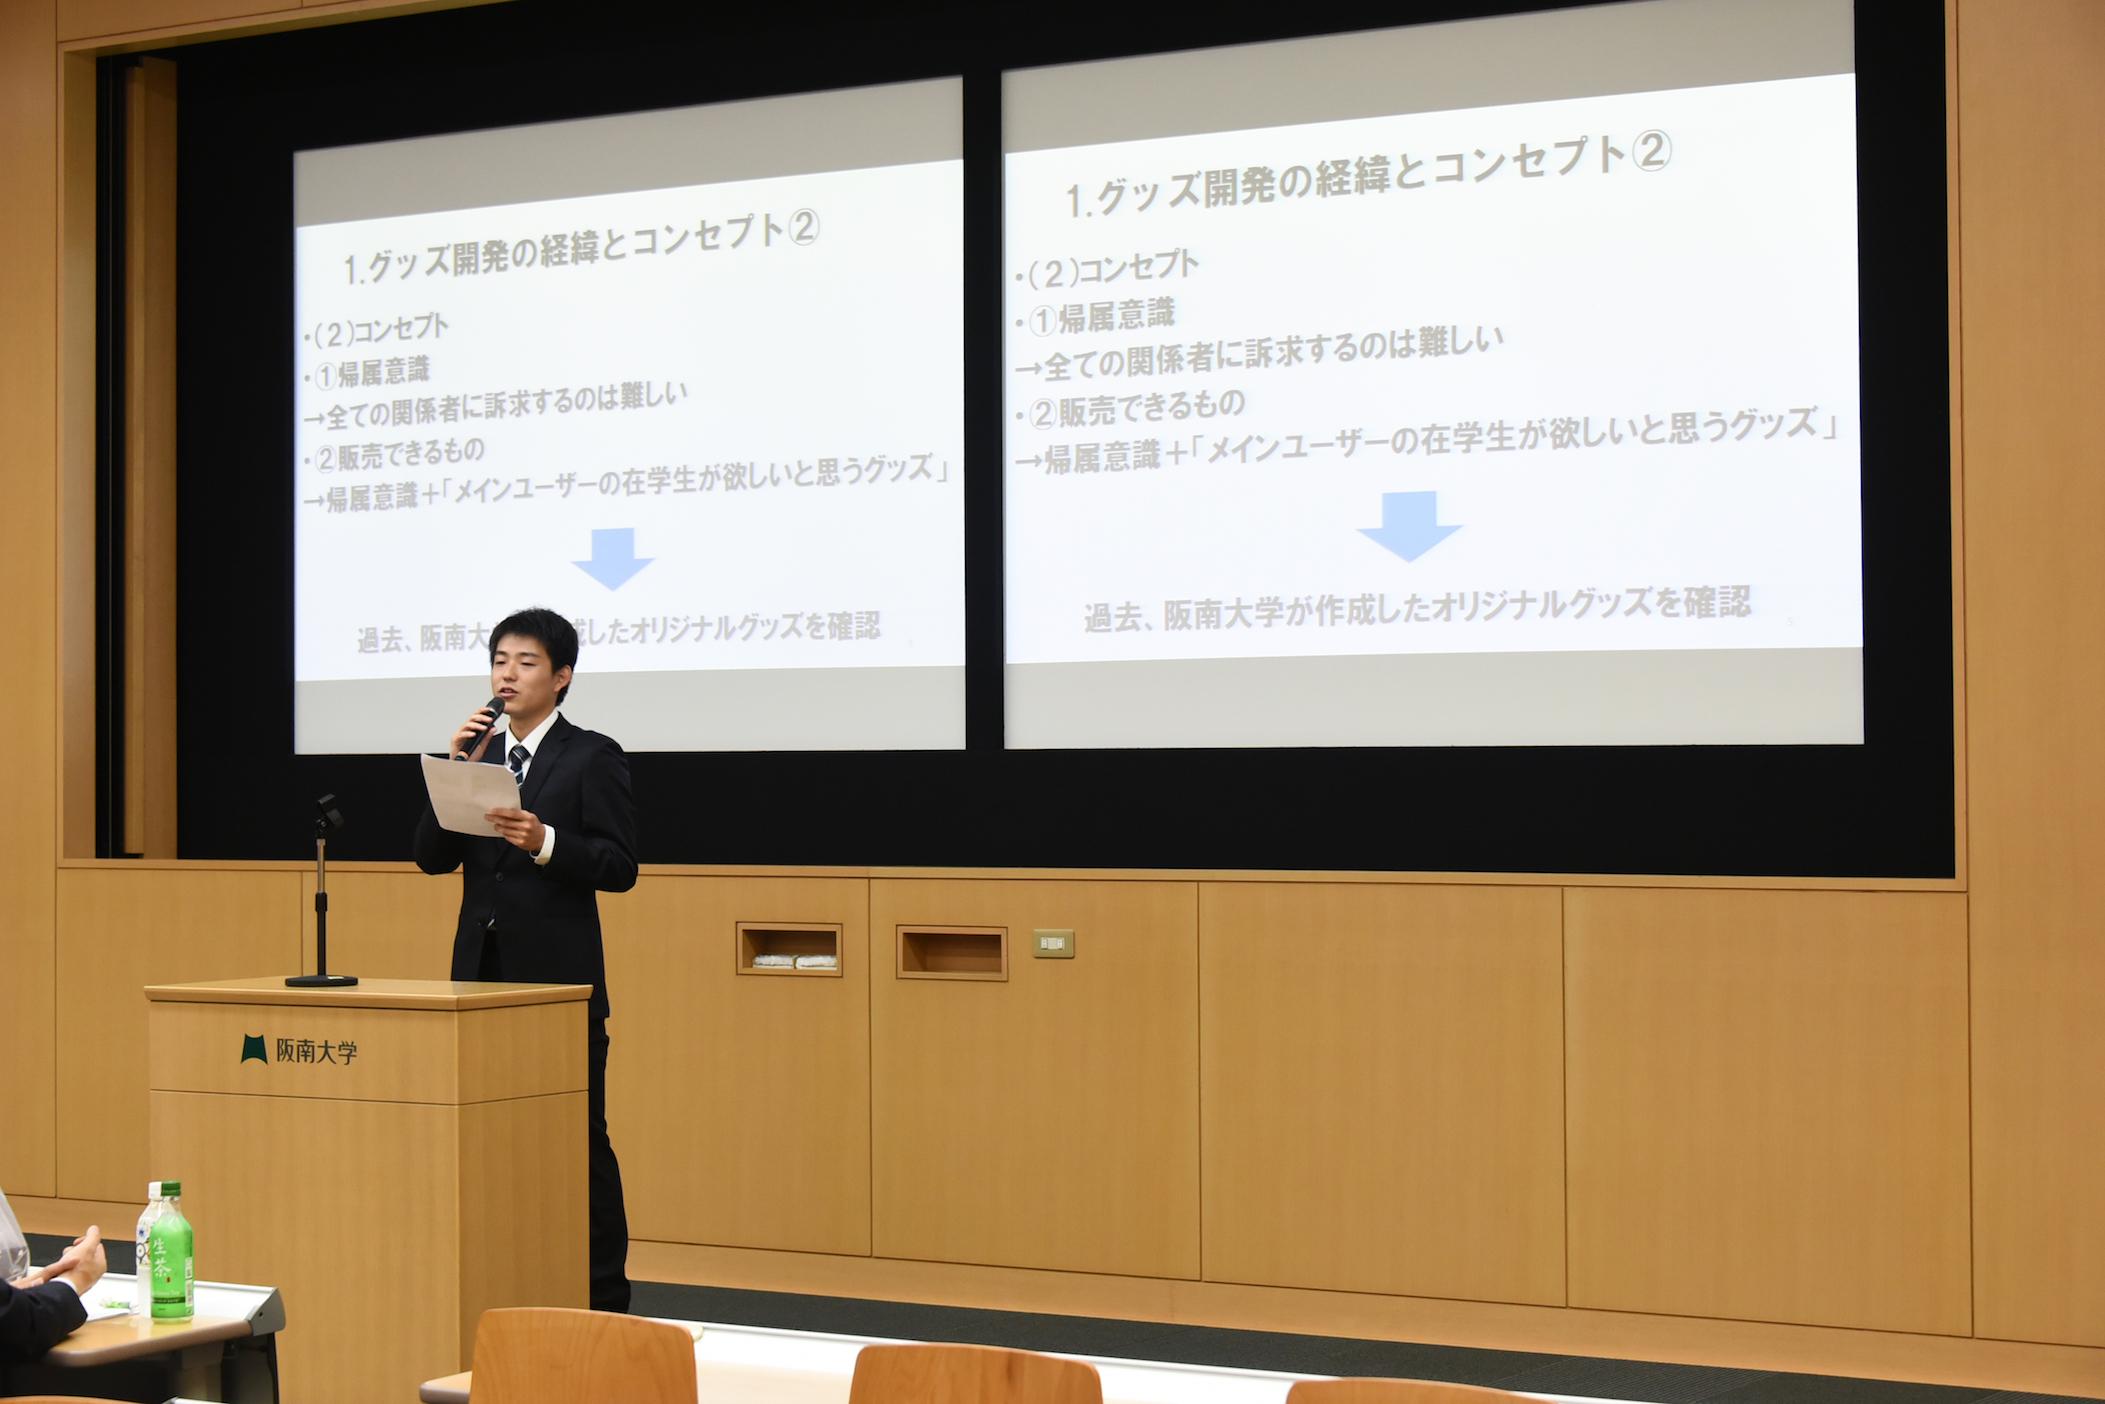 50周年記念プロジェクト報告 国際観光学部4年次 萩原駿